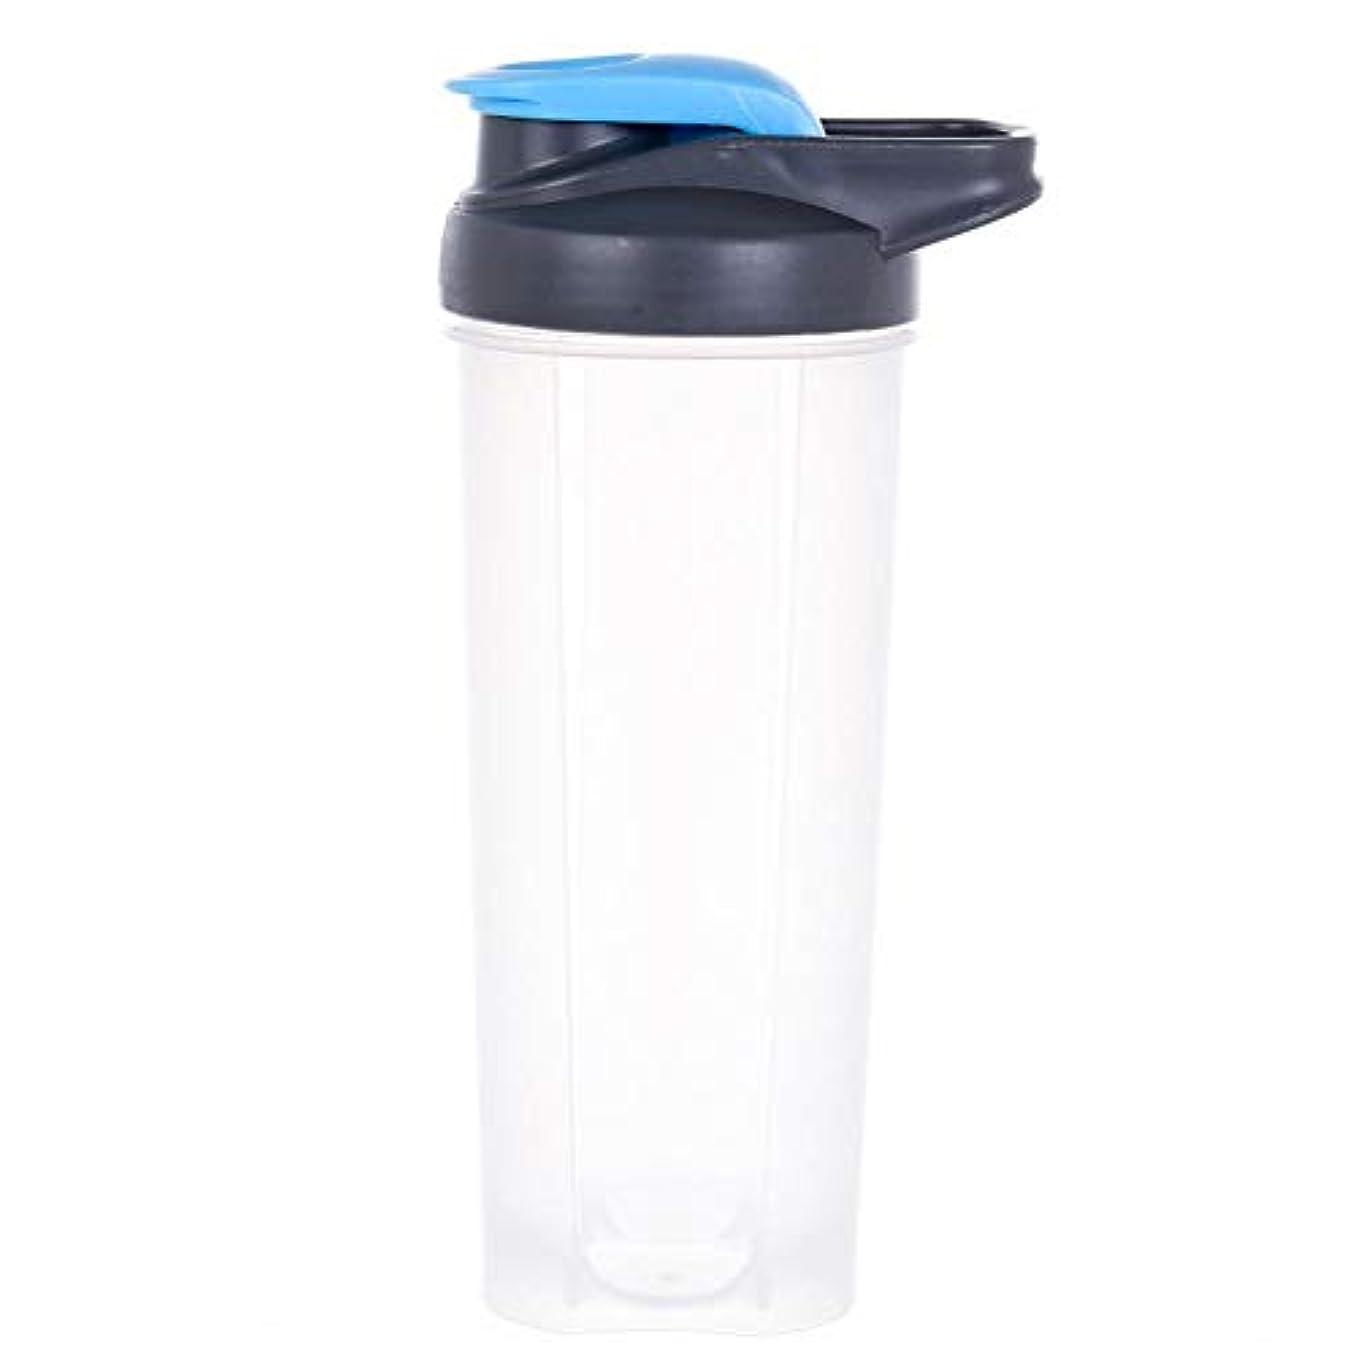 恩恵圧縮されたレキシコンハンドル 蛋白質 粉 飲料 薬 混合の撹拌のびんが付いている 水差しの振動のコップ